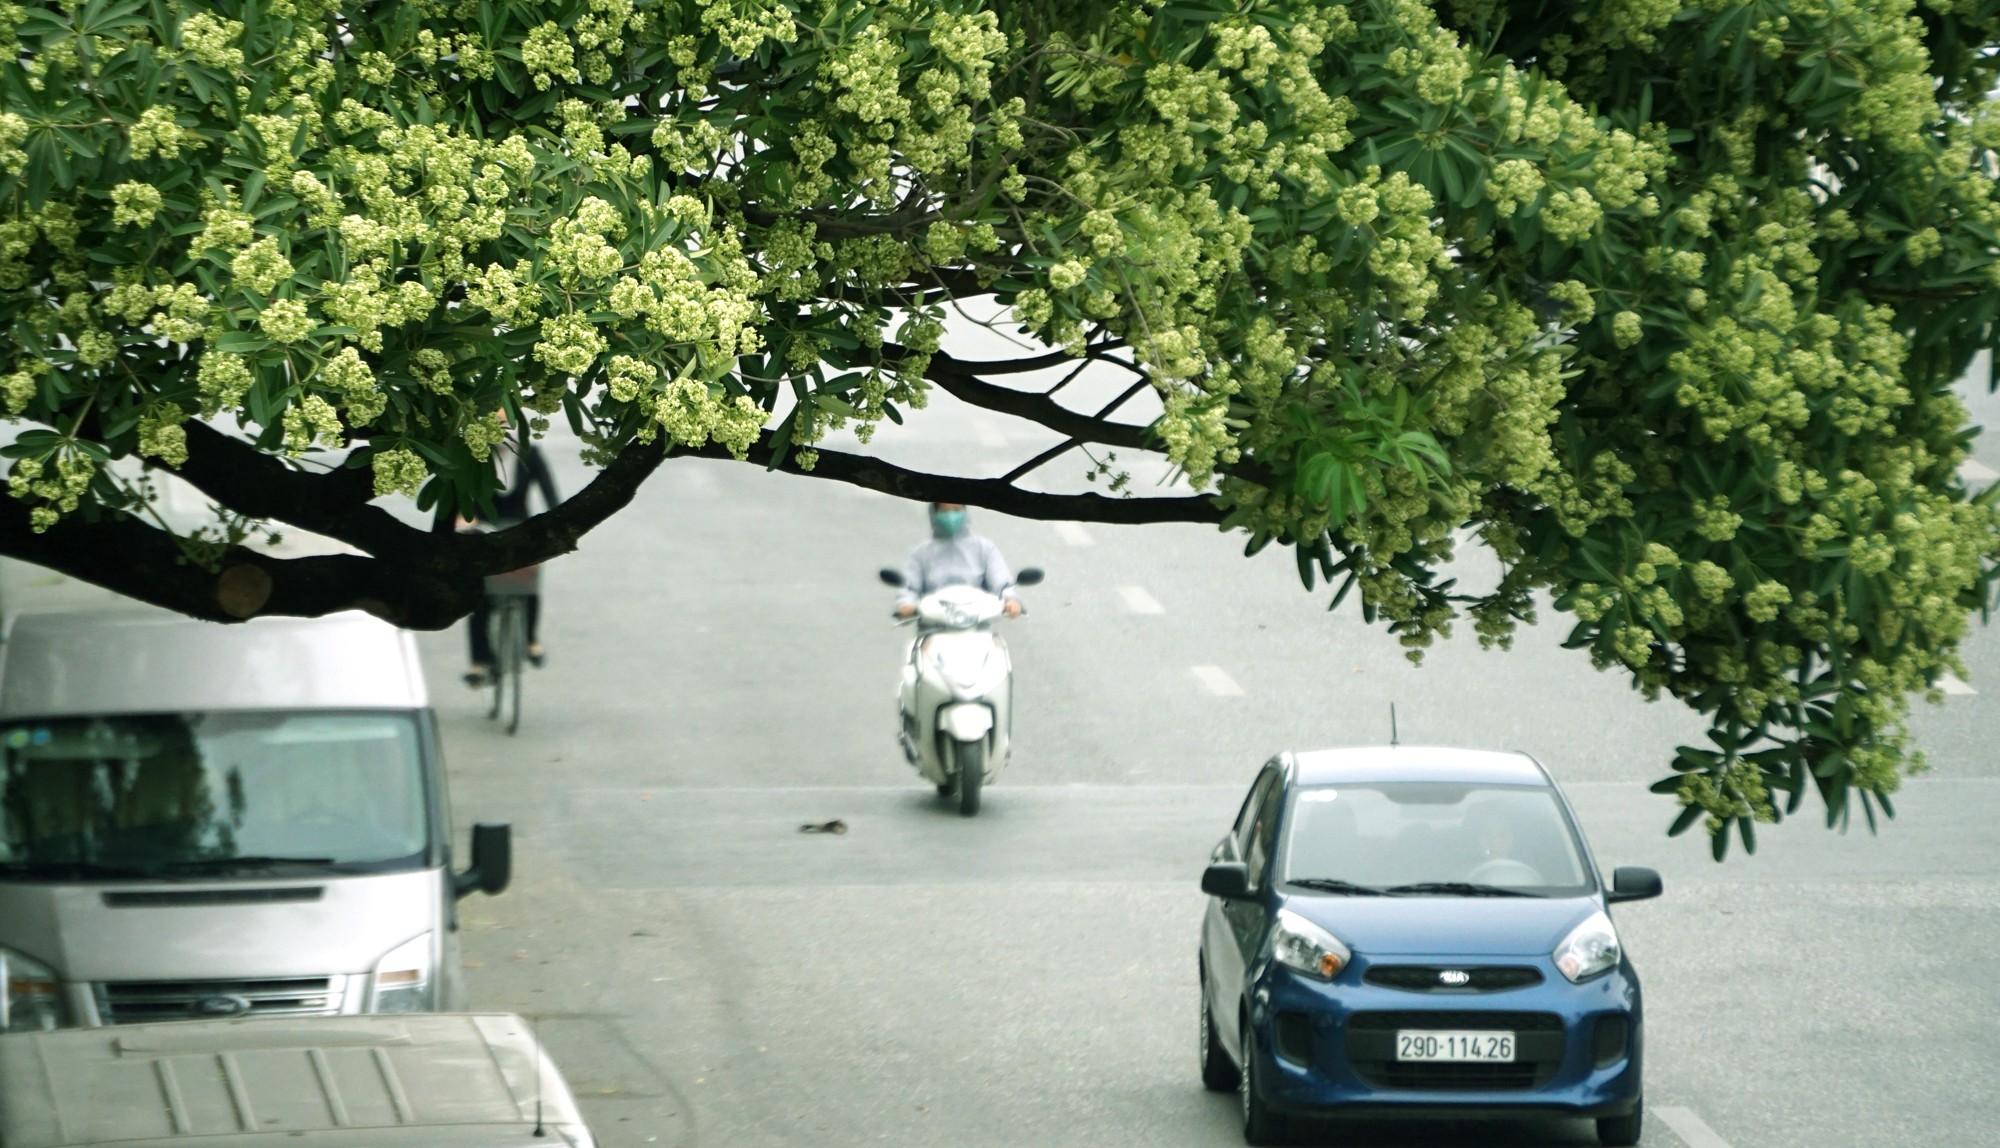 Hà Nội: Đầu hè, hoa sữa bất ngờ nở trên nhiều tuyến phố  - Ảnh 10.